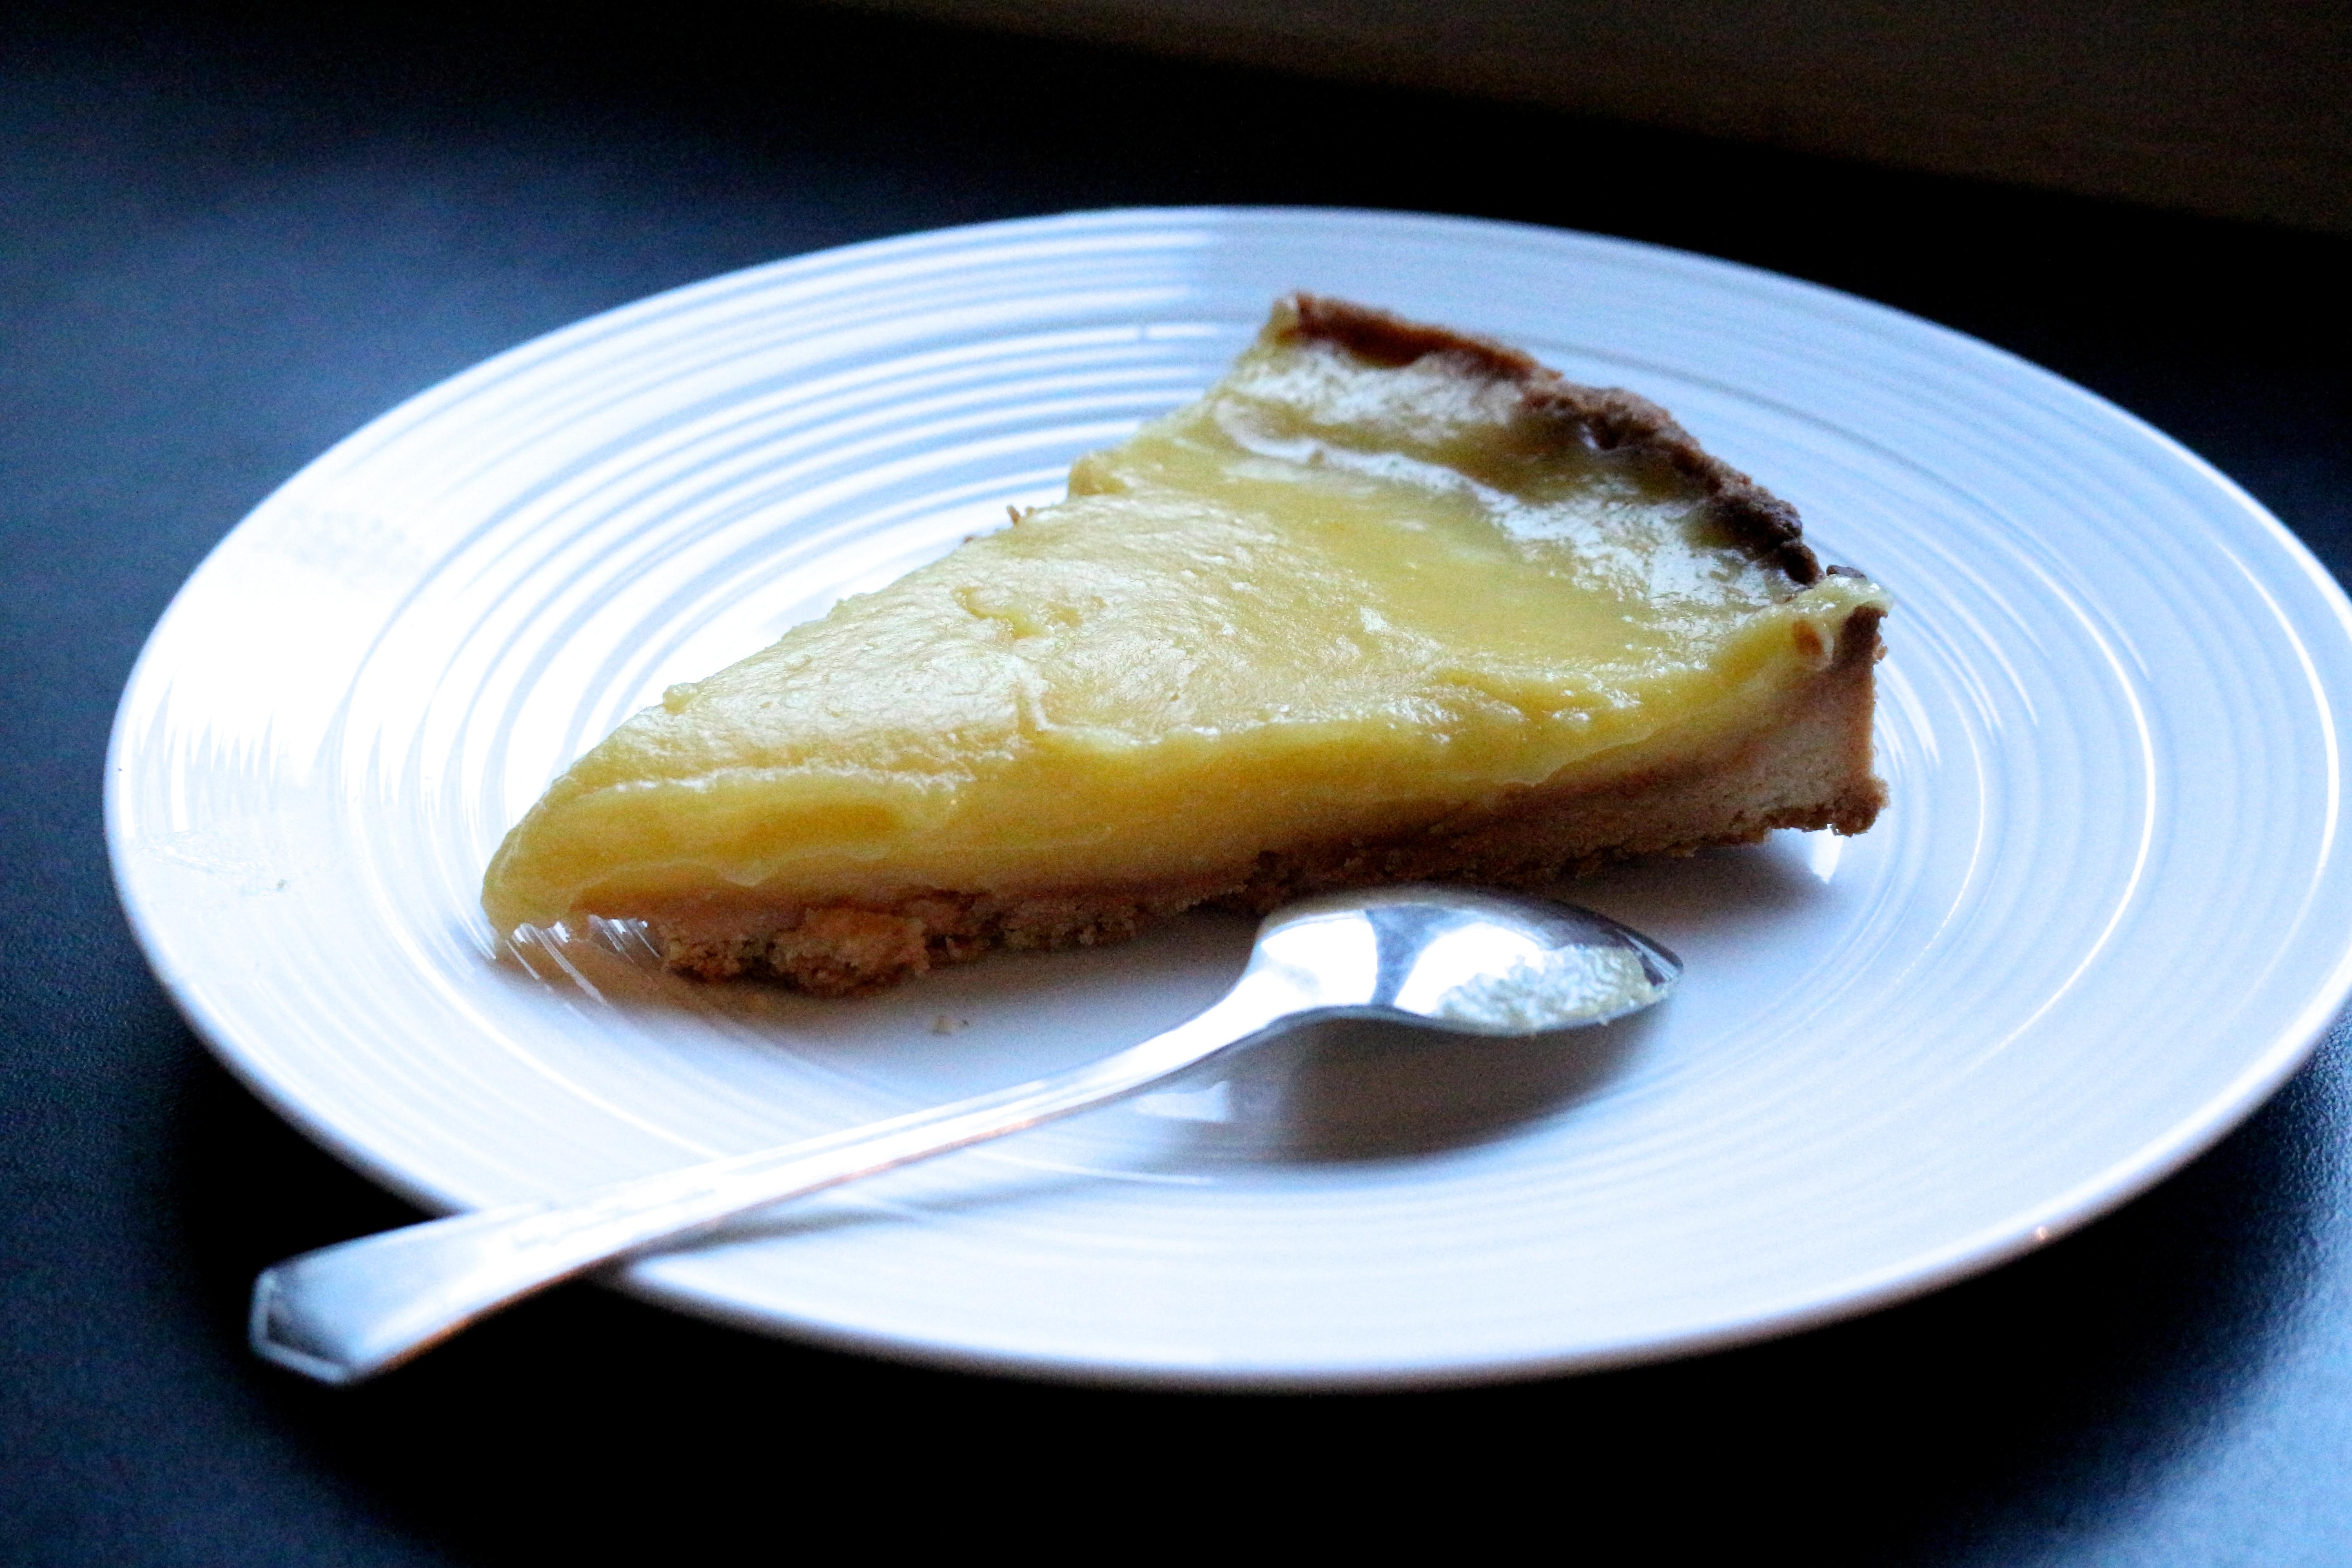 Recette tarte citron a cuire un site culinaire populaire avec des recettes utiles - Recette tarte au citron sans meringue ...